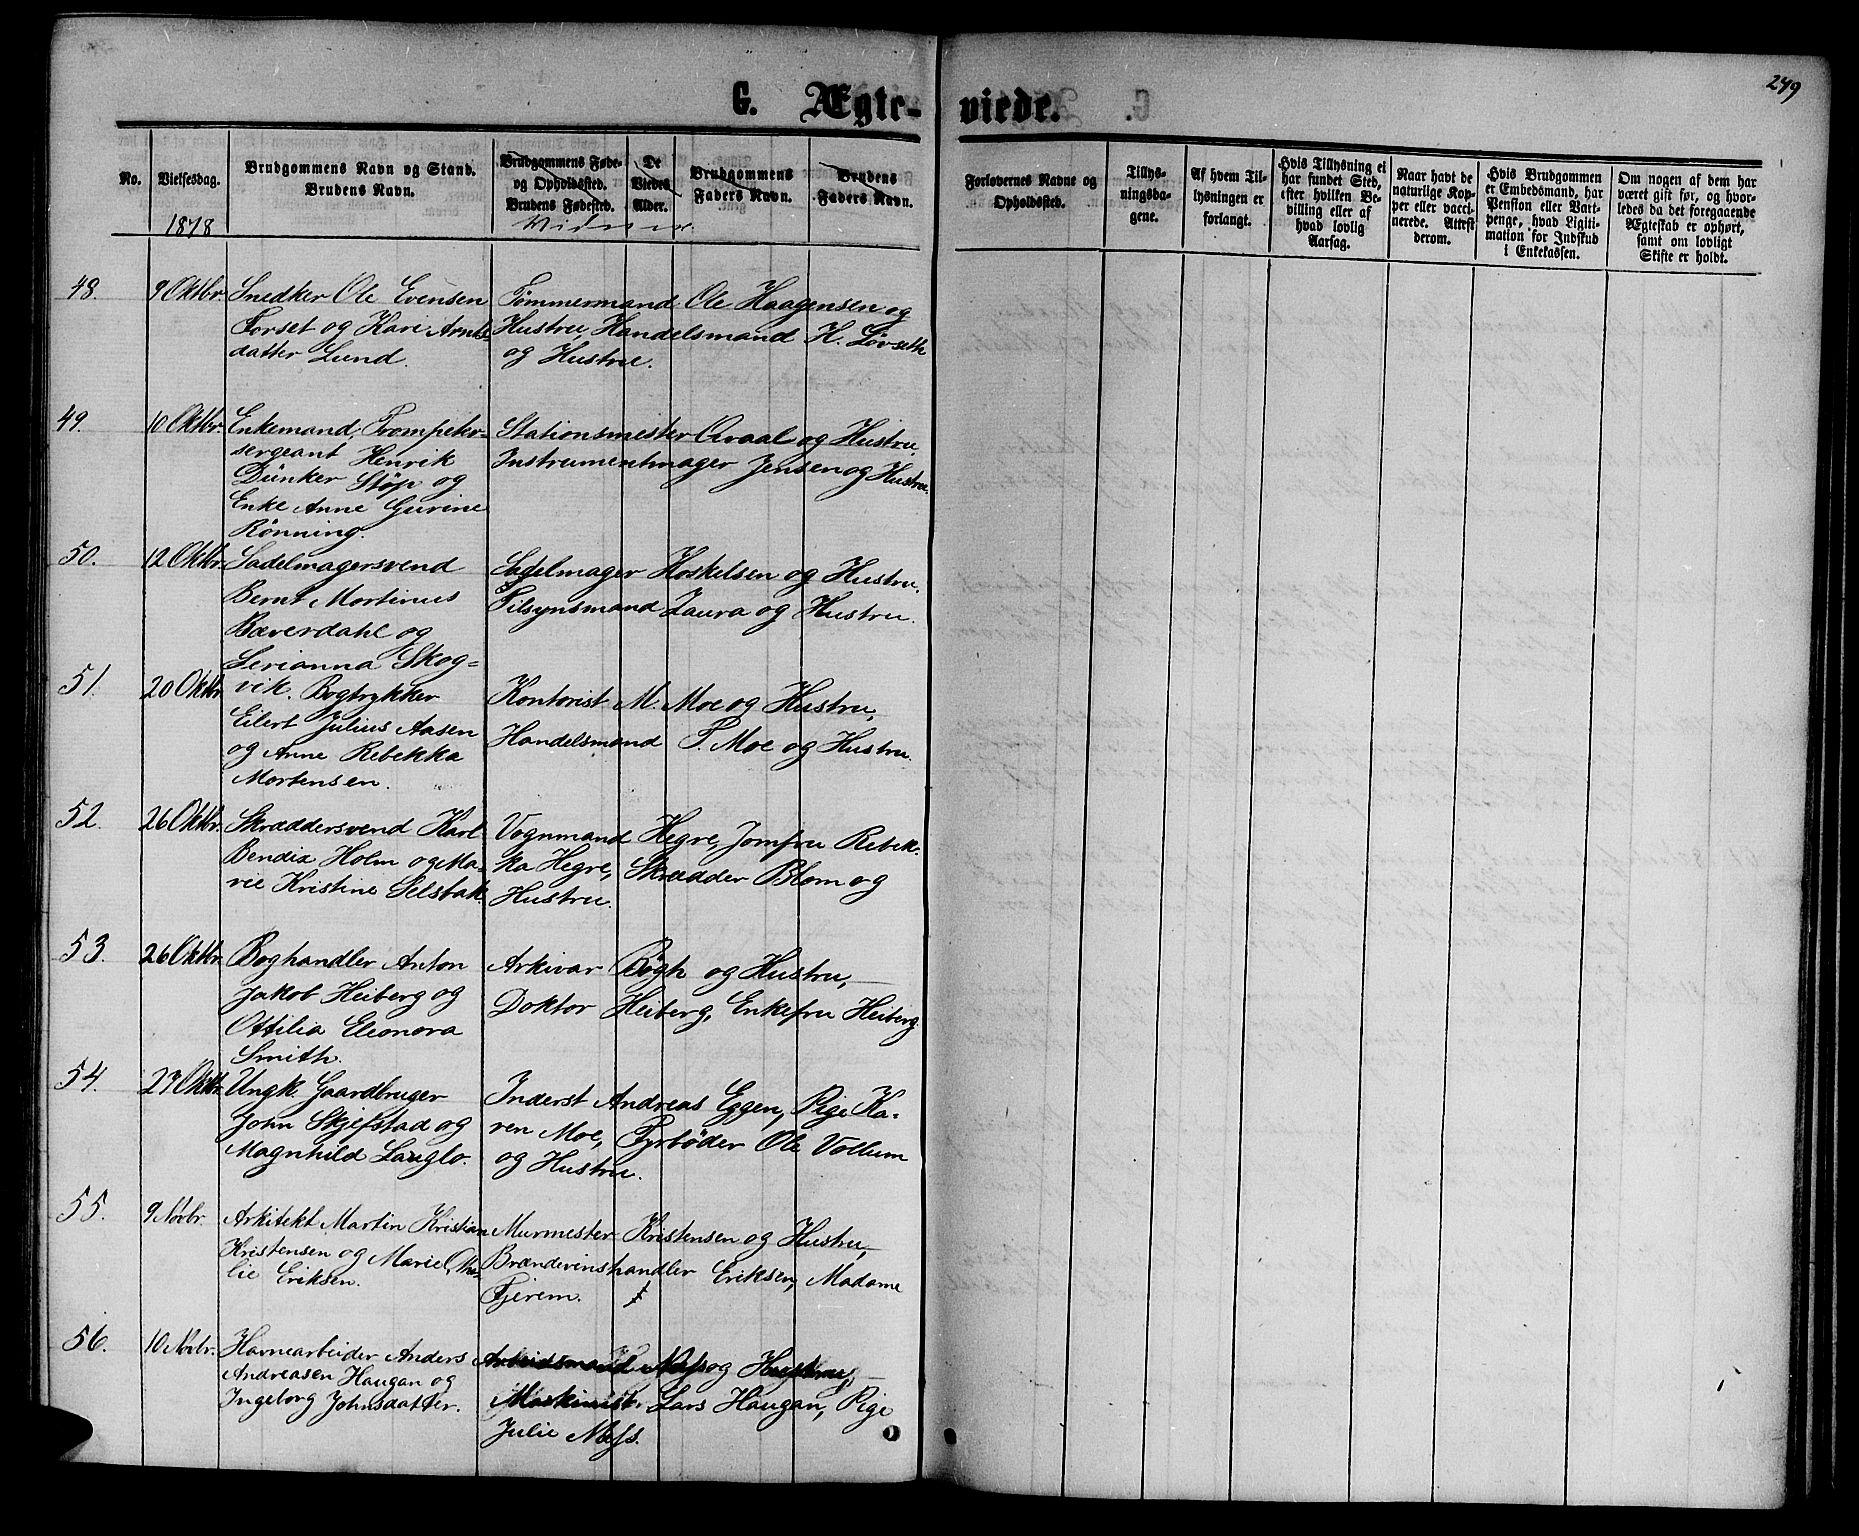 SAT, Ministerialprotokoller, klokkerbøker og fødselsregistre - Sør-Trøndelag, 601/L0087: Klokkerbok nr. 601C05, 1864-1881, s. 249